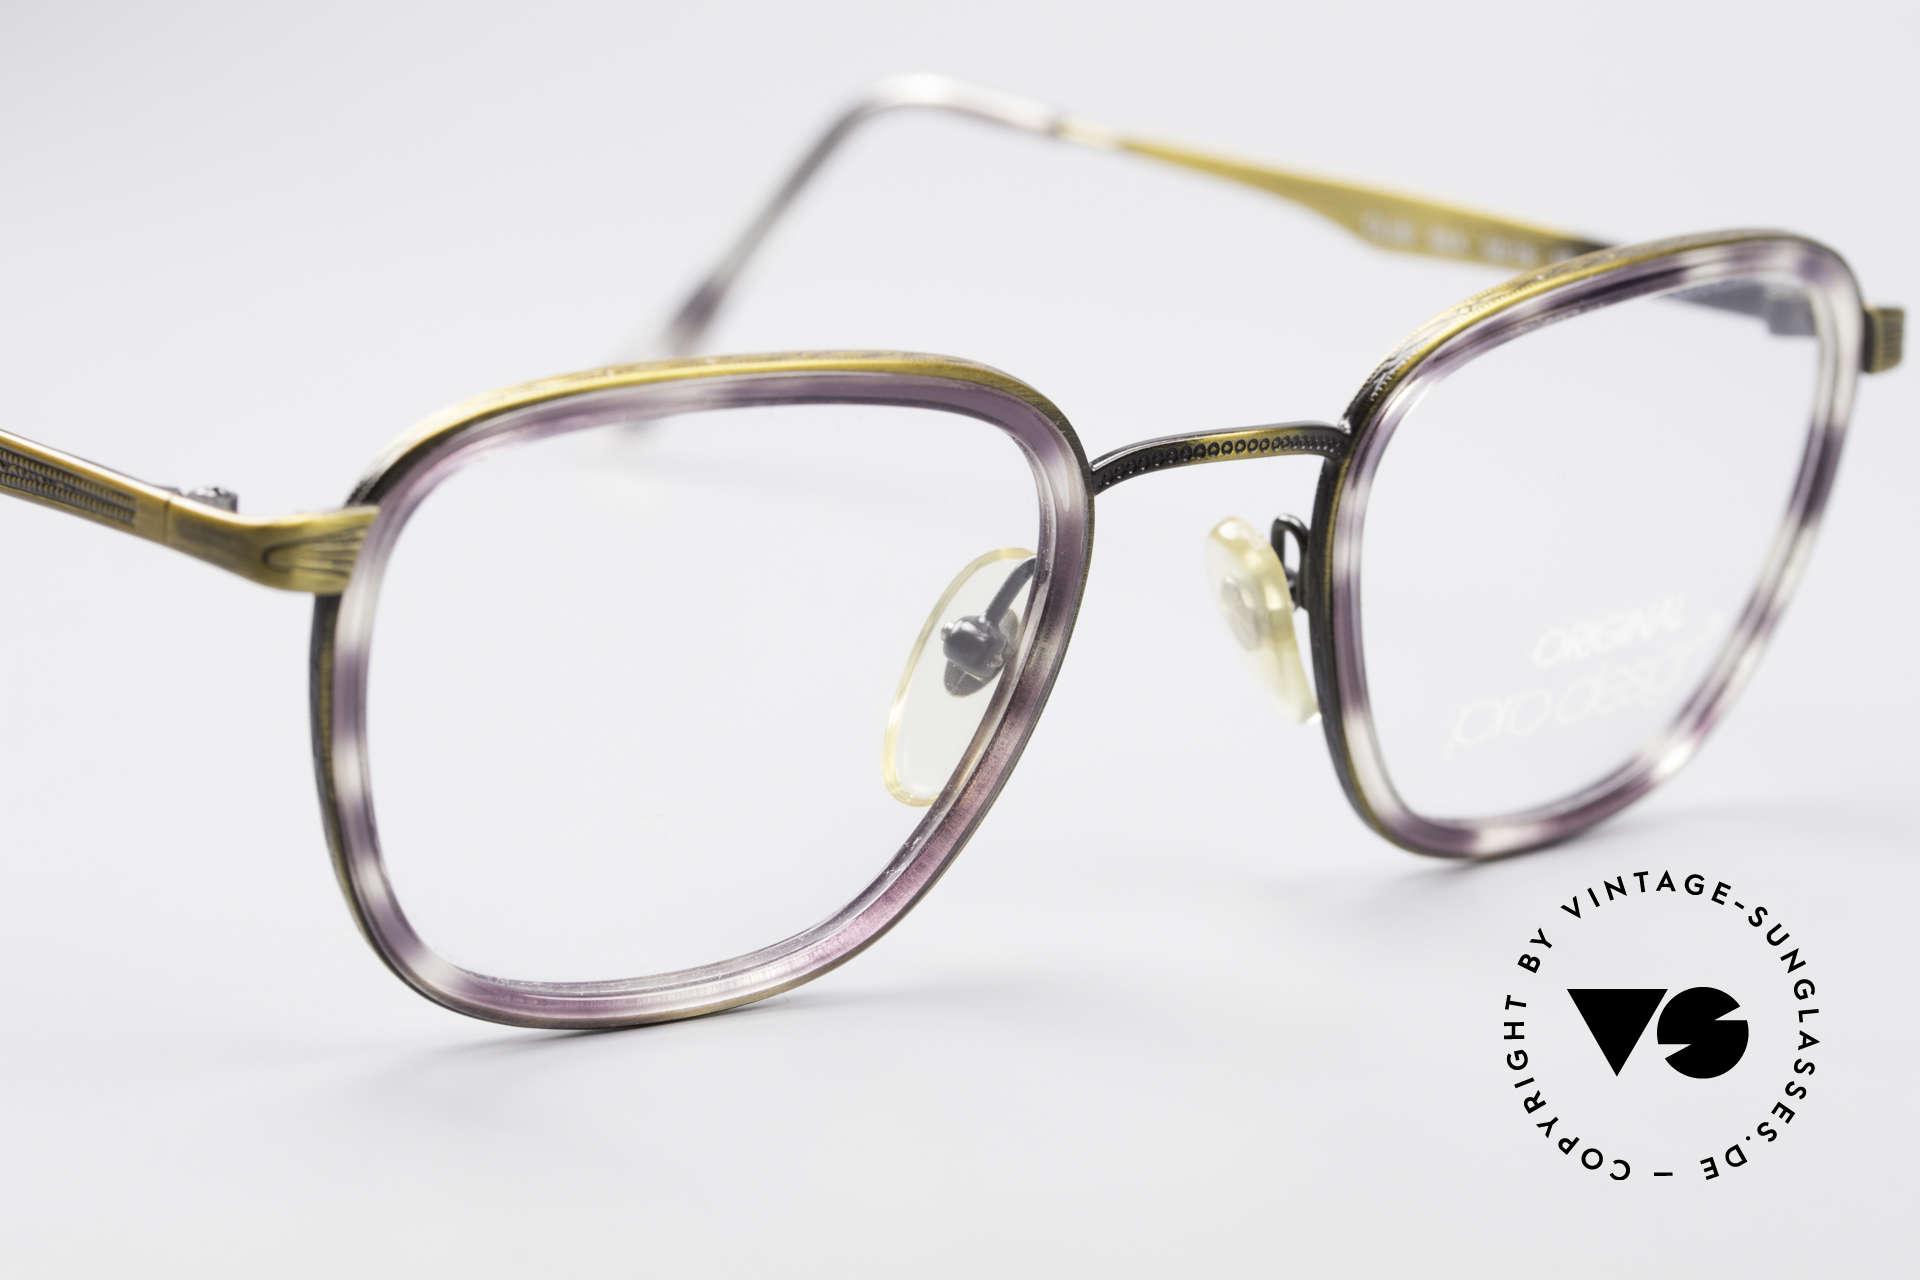 ProDesign Denmark Club 88A Vintage Brille, ungetragen (wie alle unsere vintage Pantobrillen), Passend für Herren